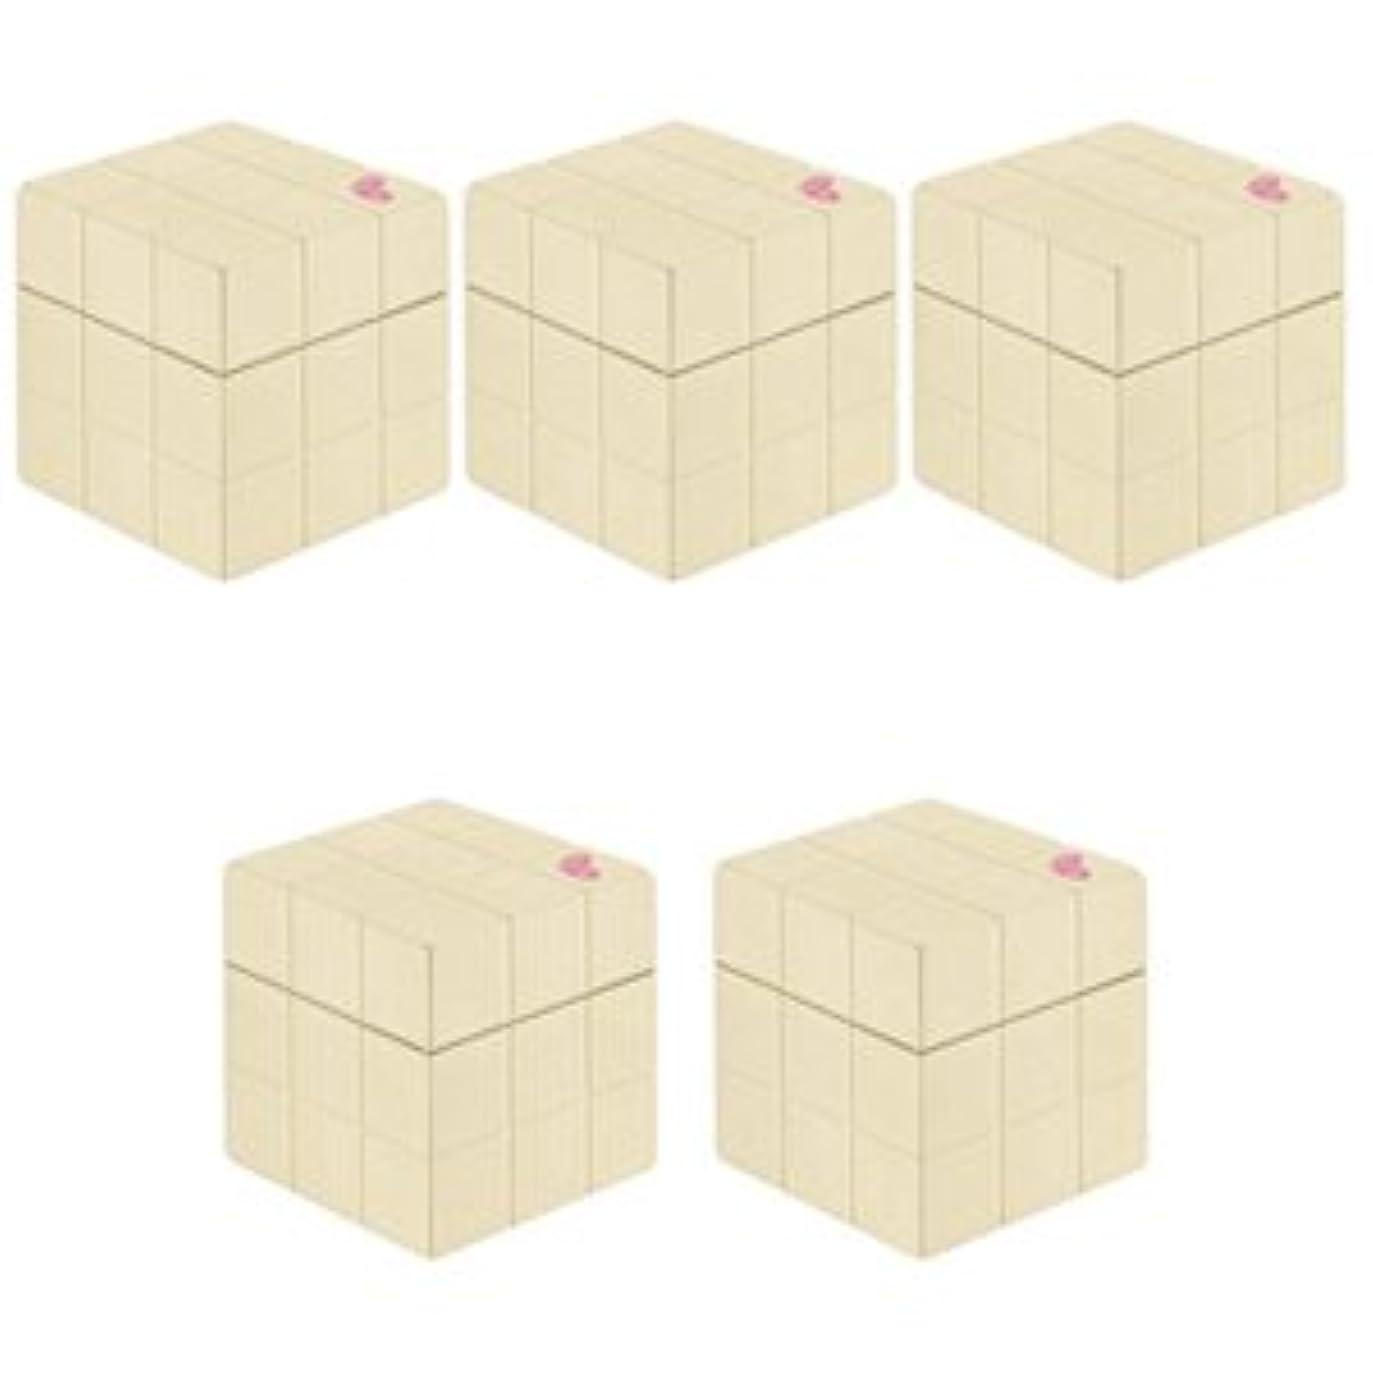 死刈り取るフィルタ【X5個セット】 アリミノ ピース プロデザインシリーズ ニュアンスワックス バニラ 80g